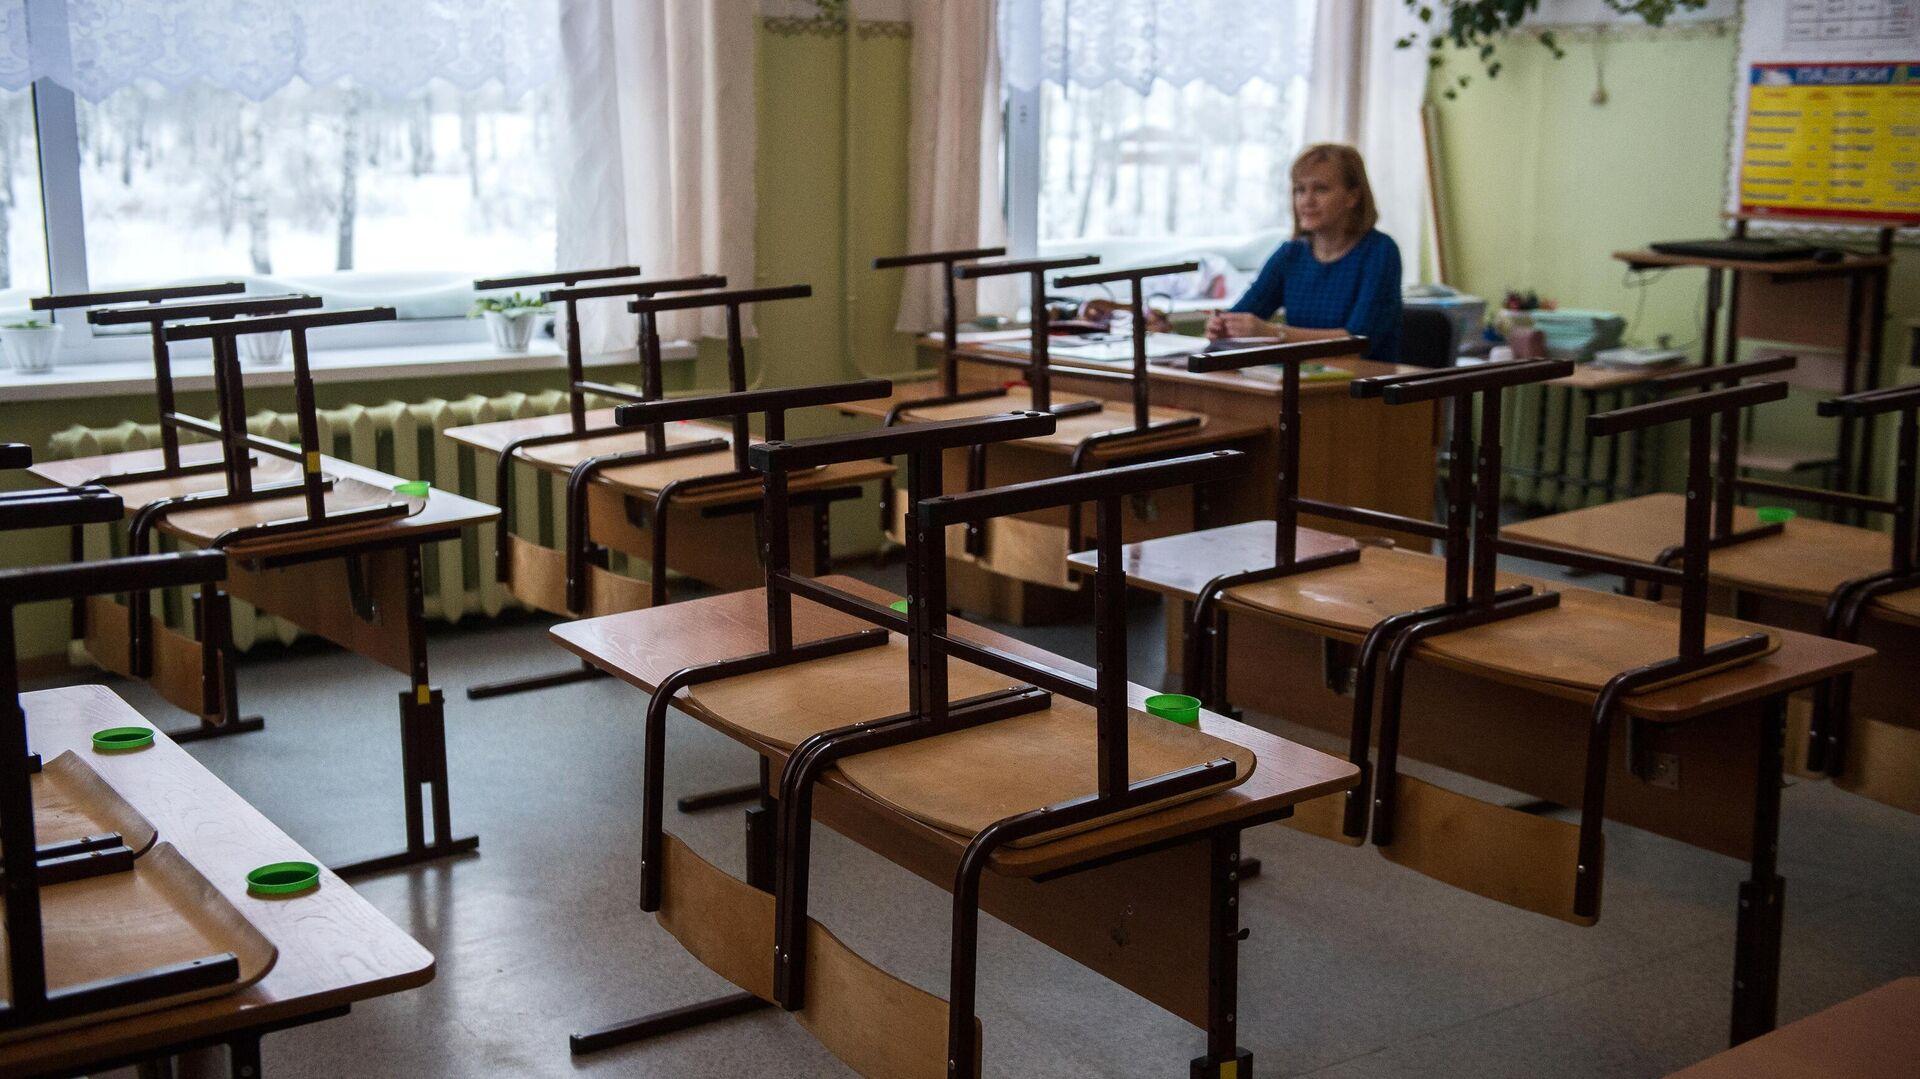 Учитель одной из школ - РИА Новости, 1920, 29.09.2020